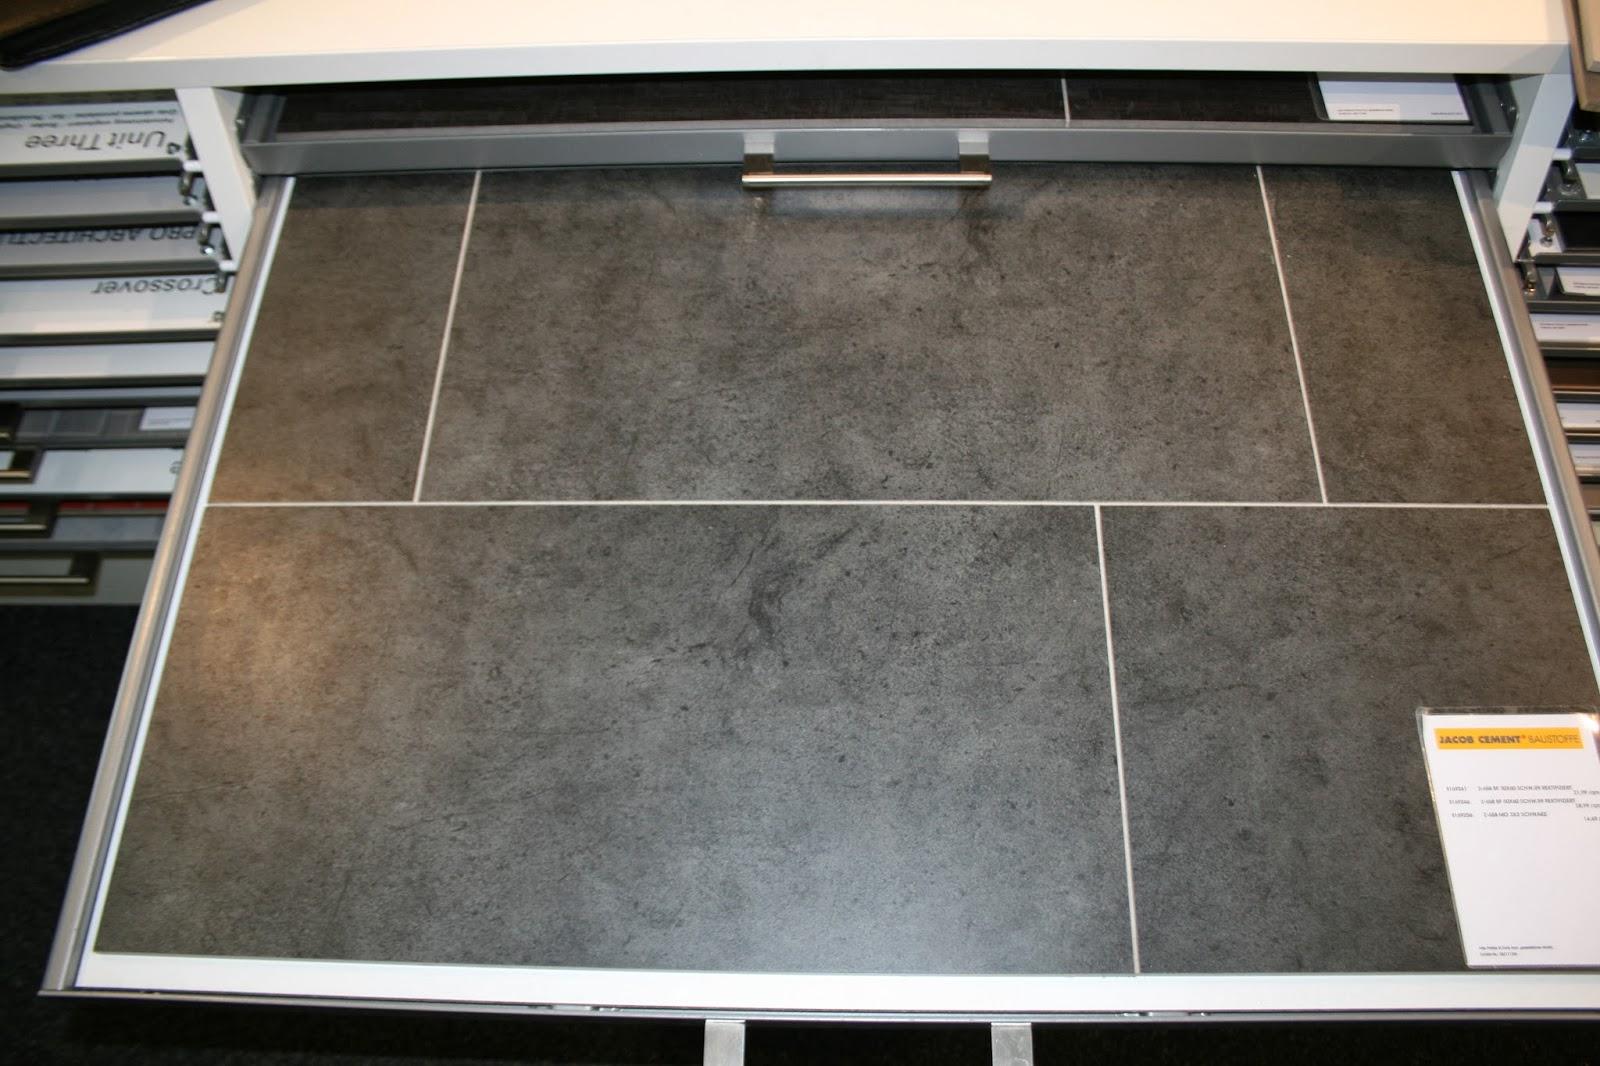 tcm bauen ein haus bemusterung der fliesen teil ii. Black Bedroom Furniture Sets. Home Design Ideas